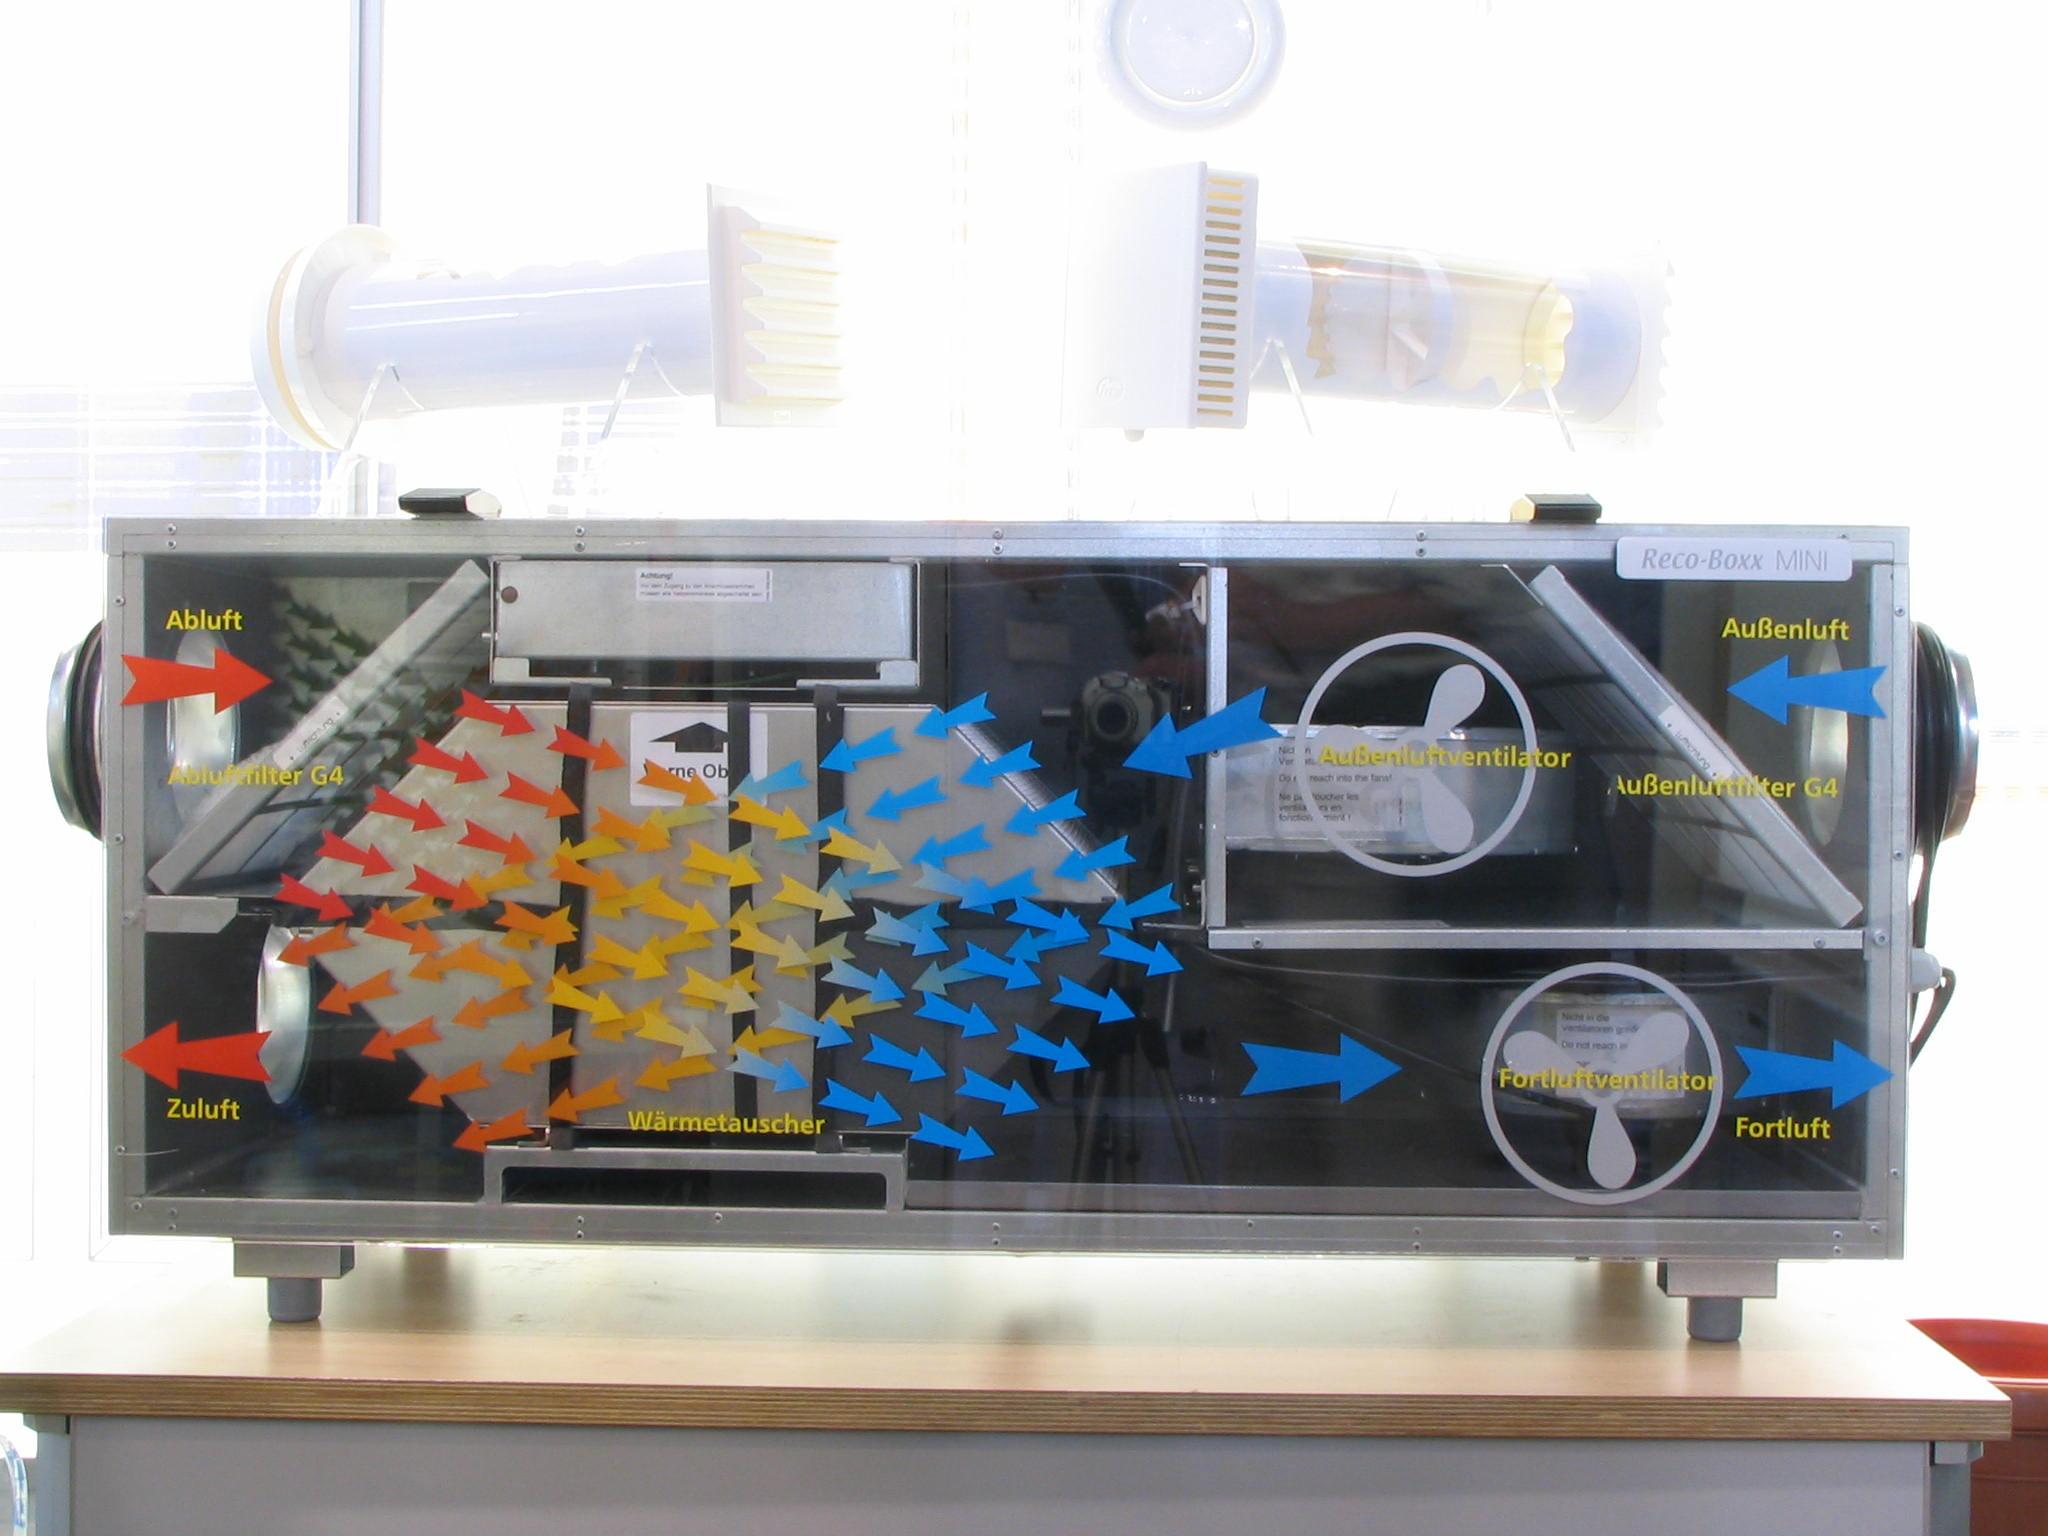 Lüftungsanlage Mit Wärmerückgewinnung Nachteile ~ mit WärmerückgewinnungWie funktioniert eine Lüftungsanlage mit